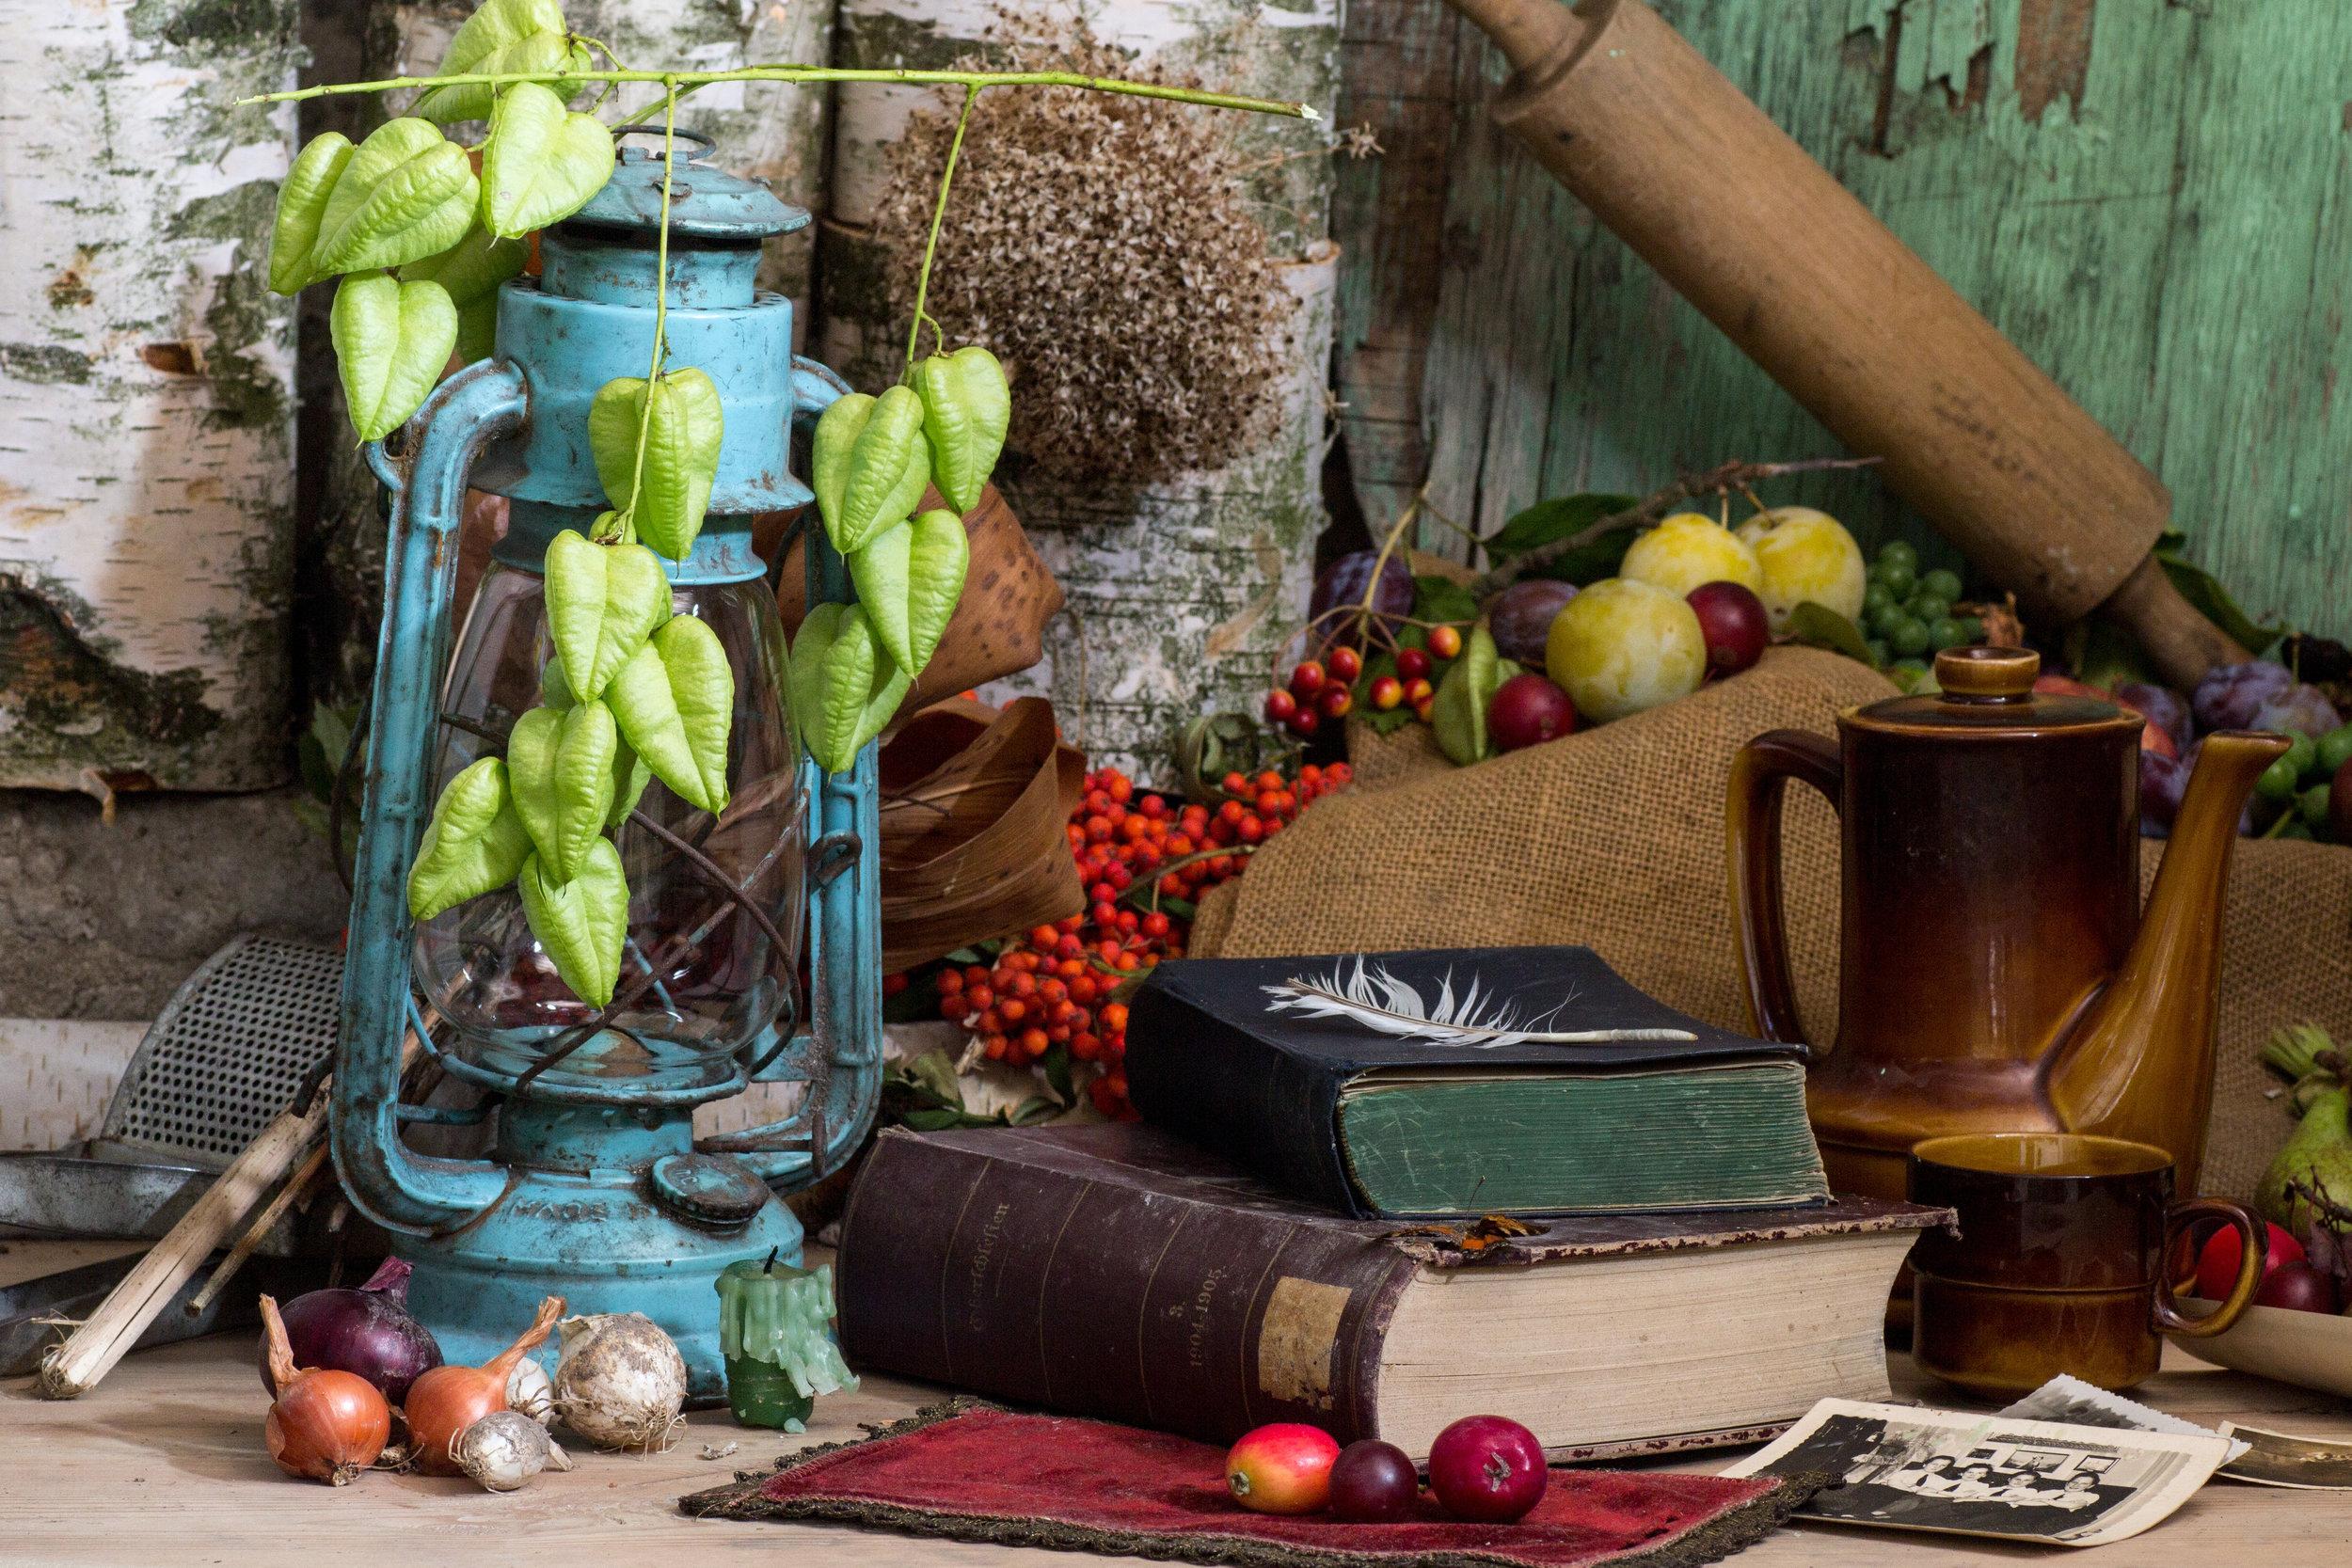 Canva - Still Life, Books, Old Books, Kerosene Lamp, Old Photos.jpg